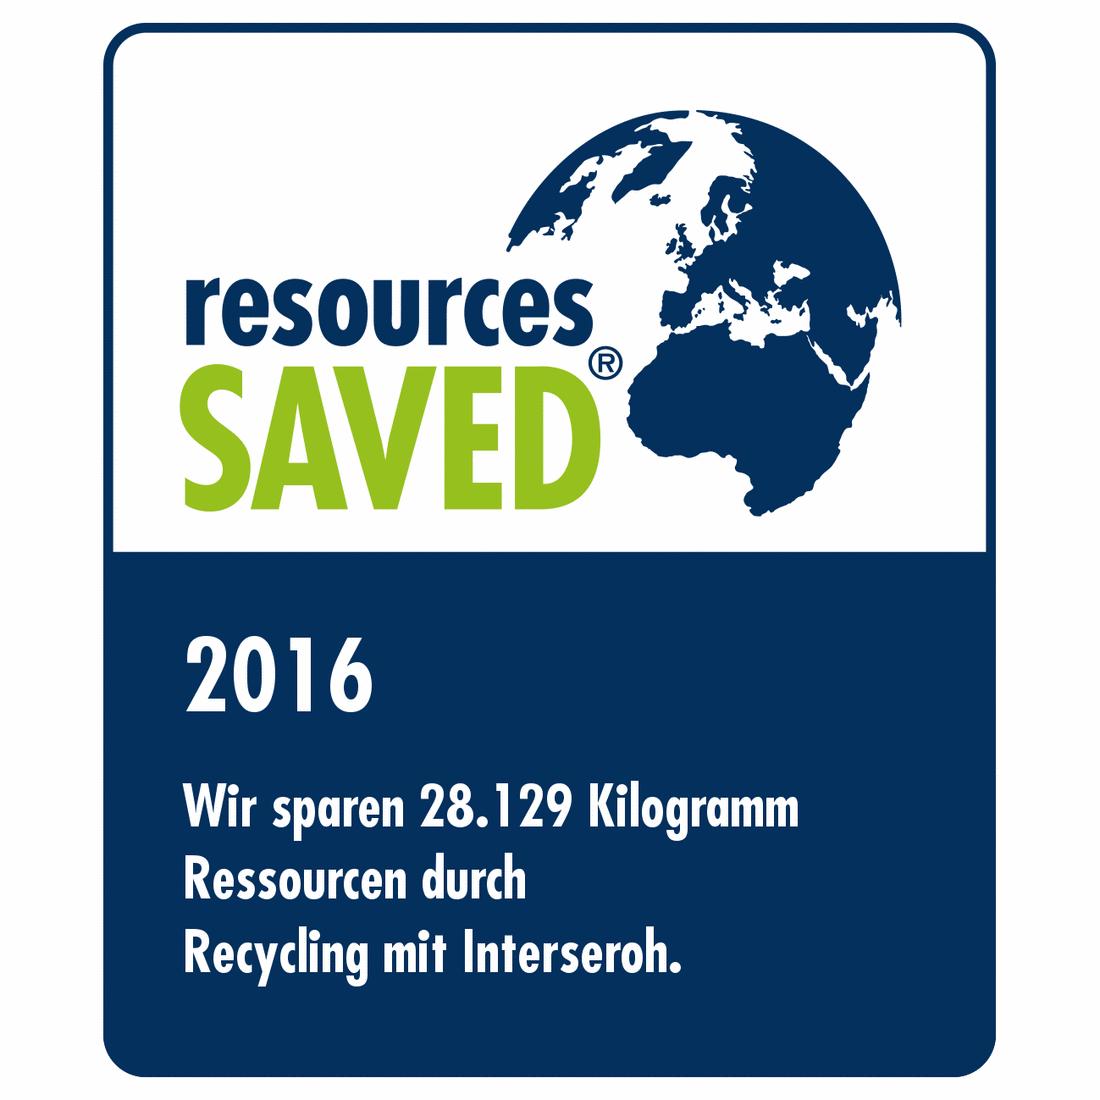 2016 - Eingesparte Ressourcen durch Recycling